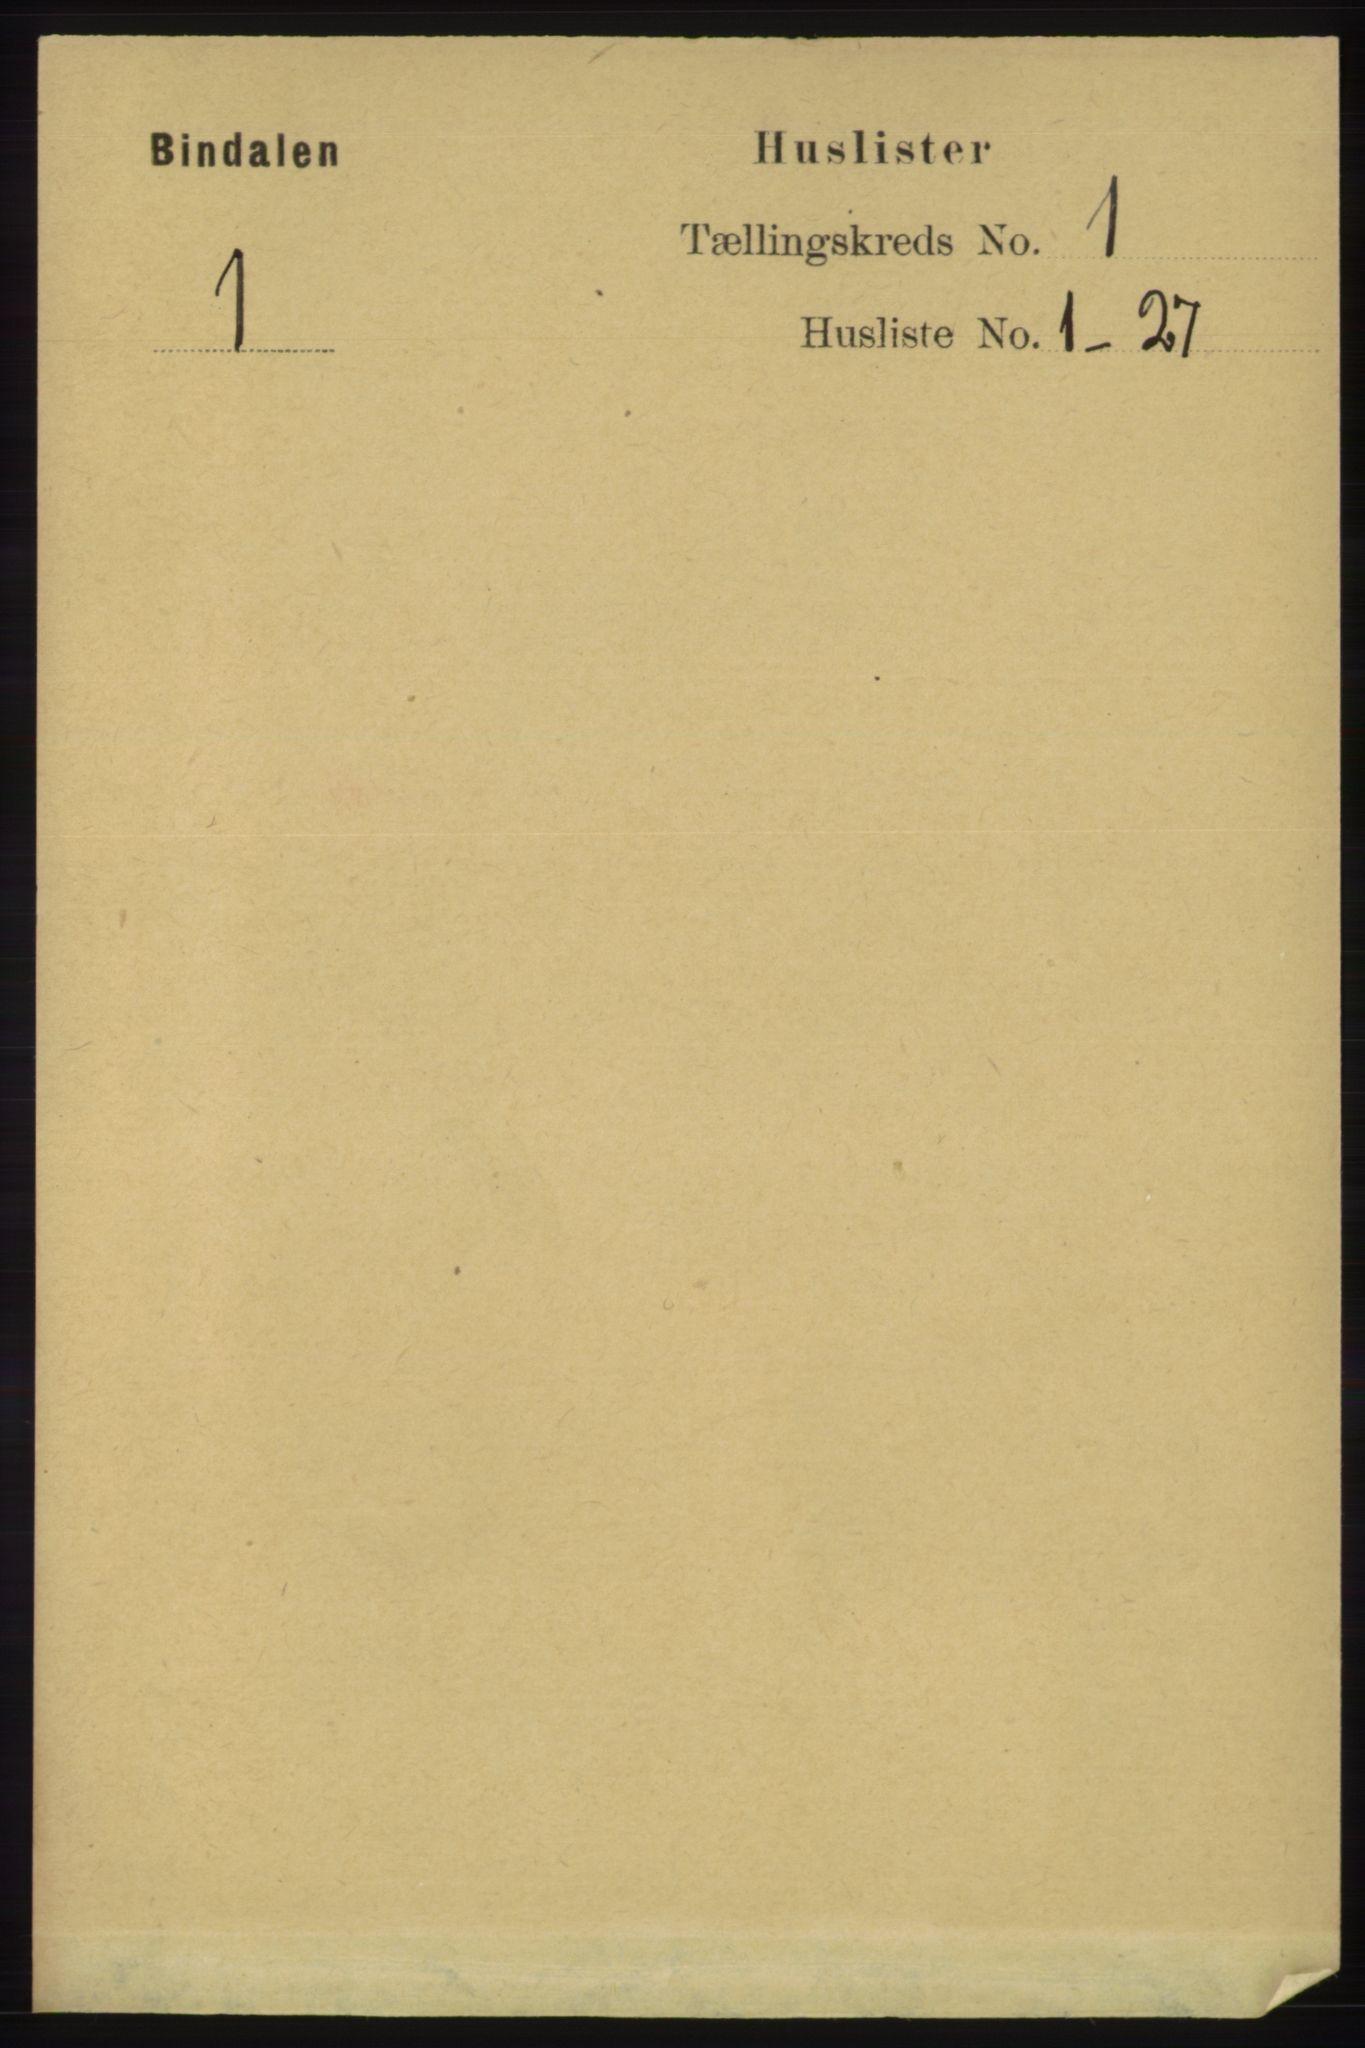 RA, Folketelling 1891 for 1811 Bindal herred, 1891, s. 26